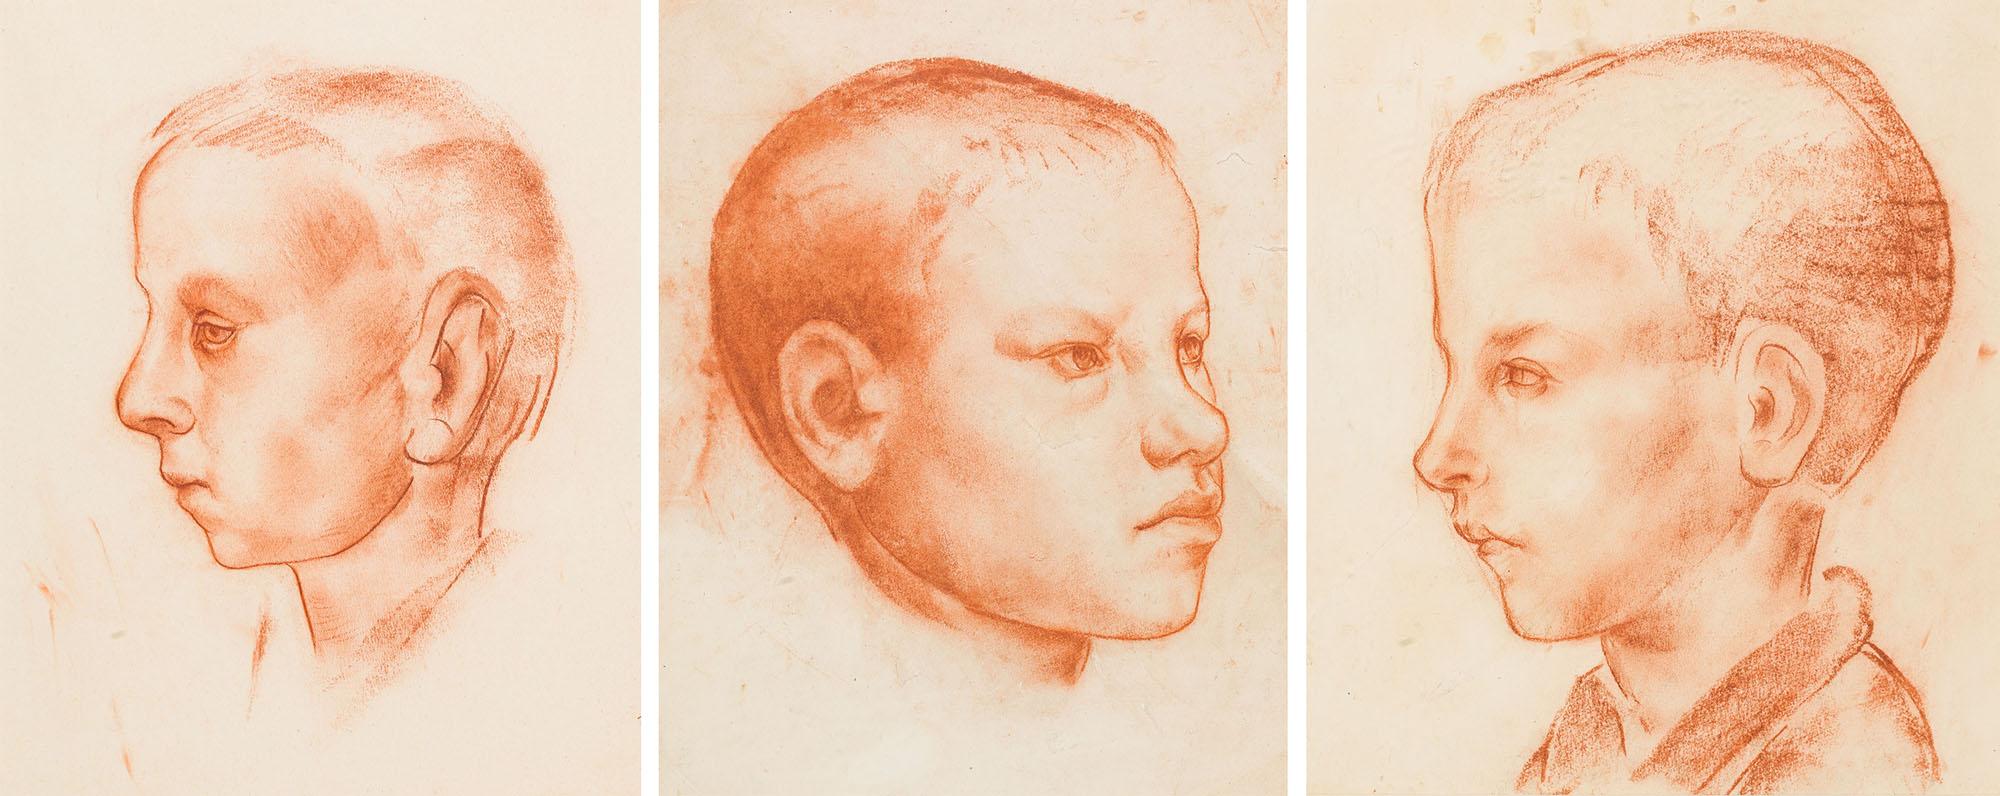 Główka chłopca w lewym profilu, Główka chłopca, Główka chłopca w profilu / Tryptyk, około  1926